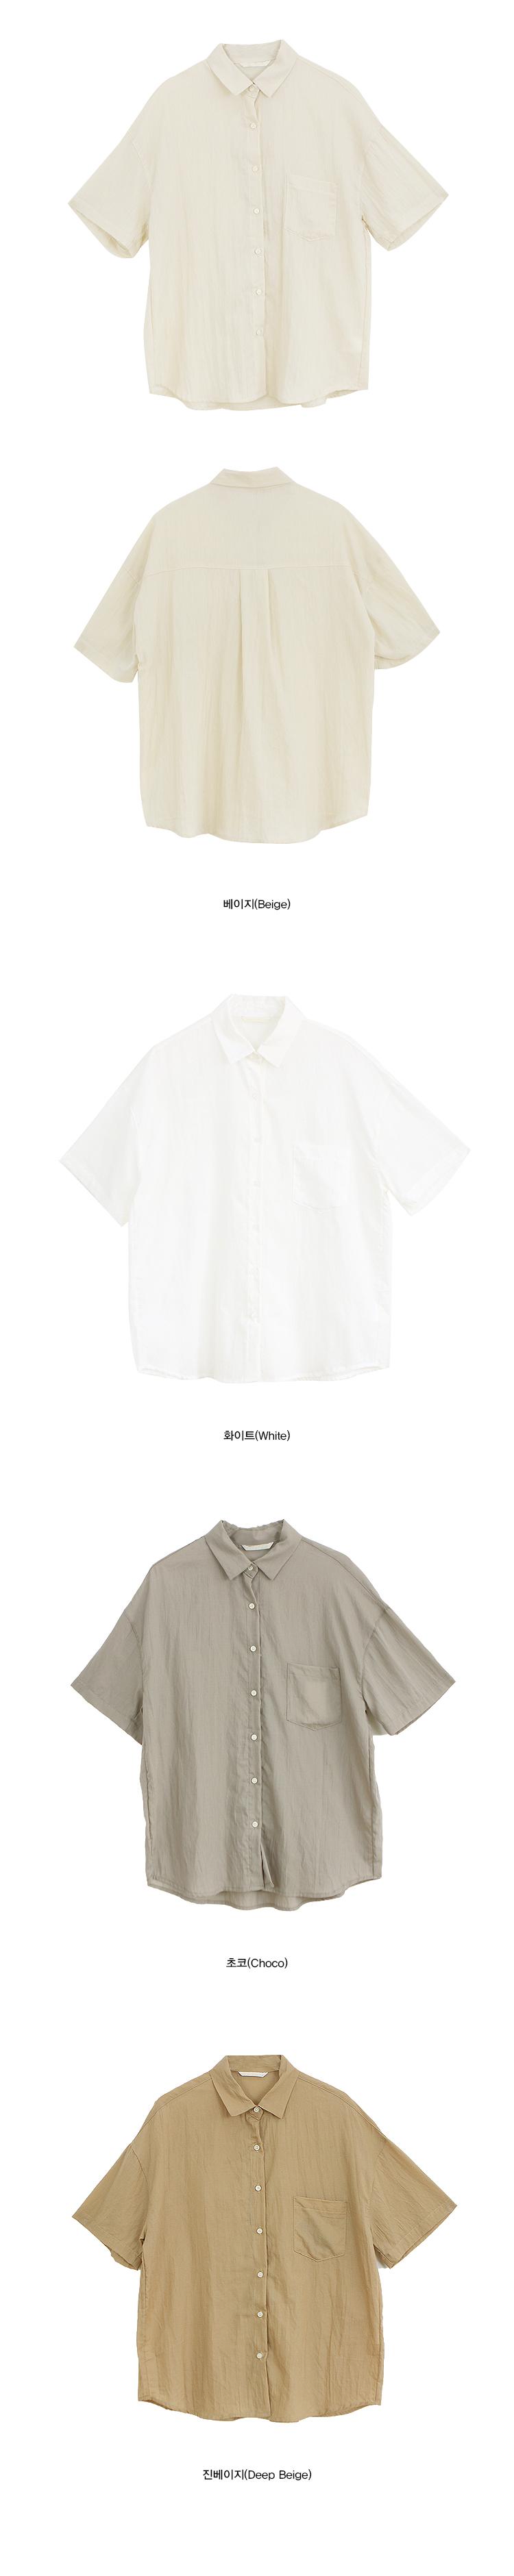 First short sleeve shirt